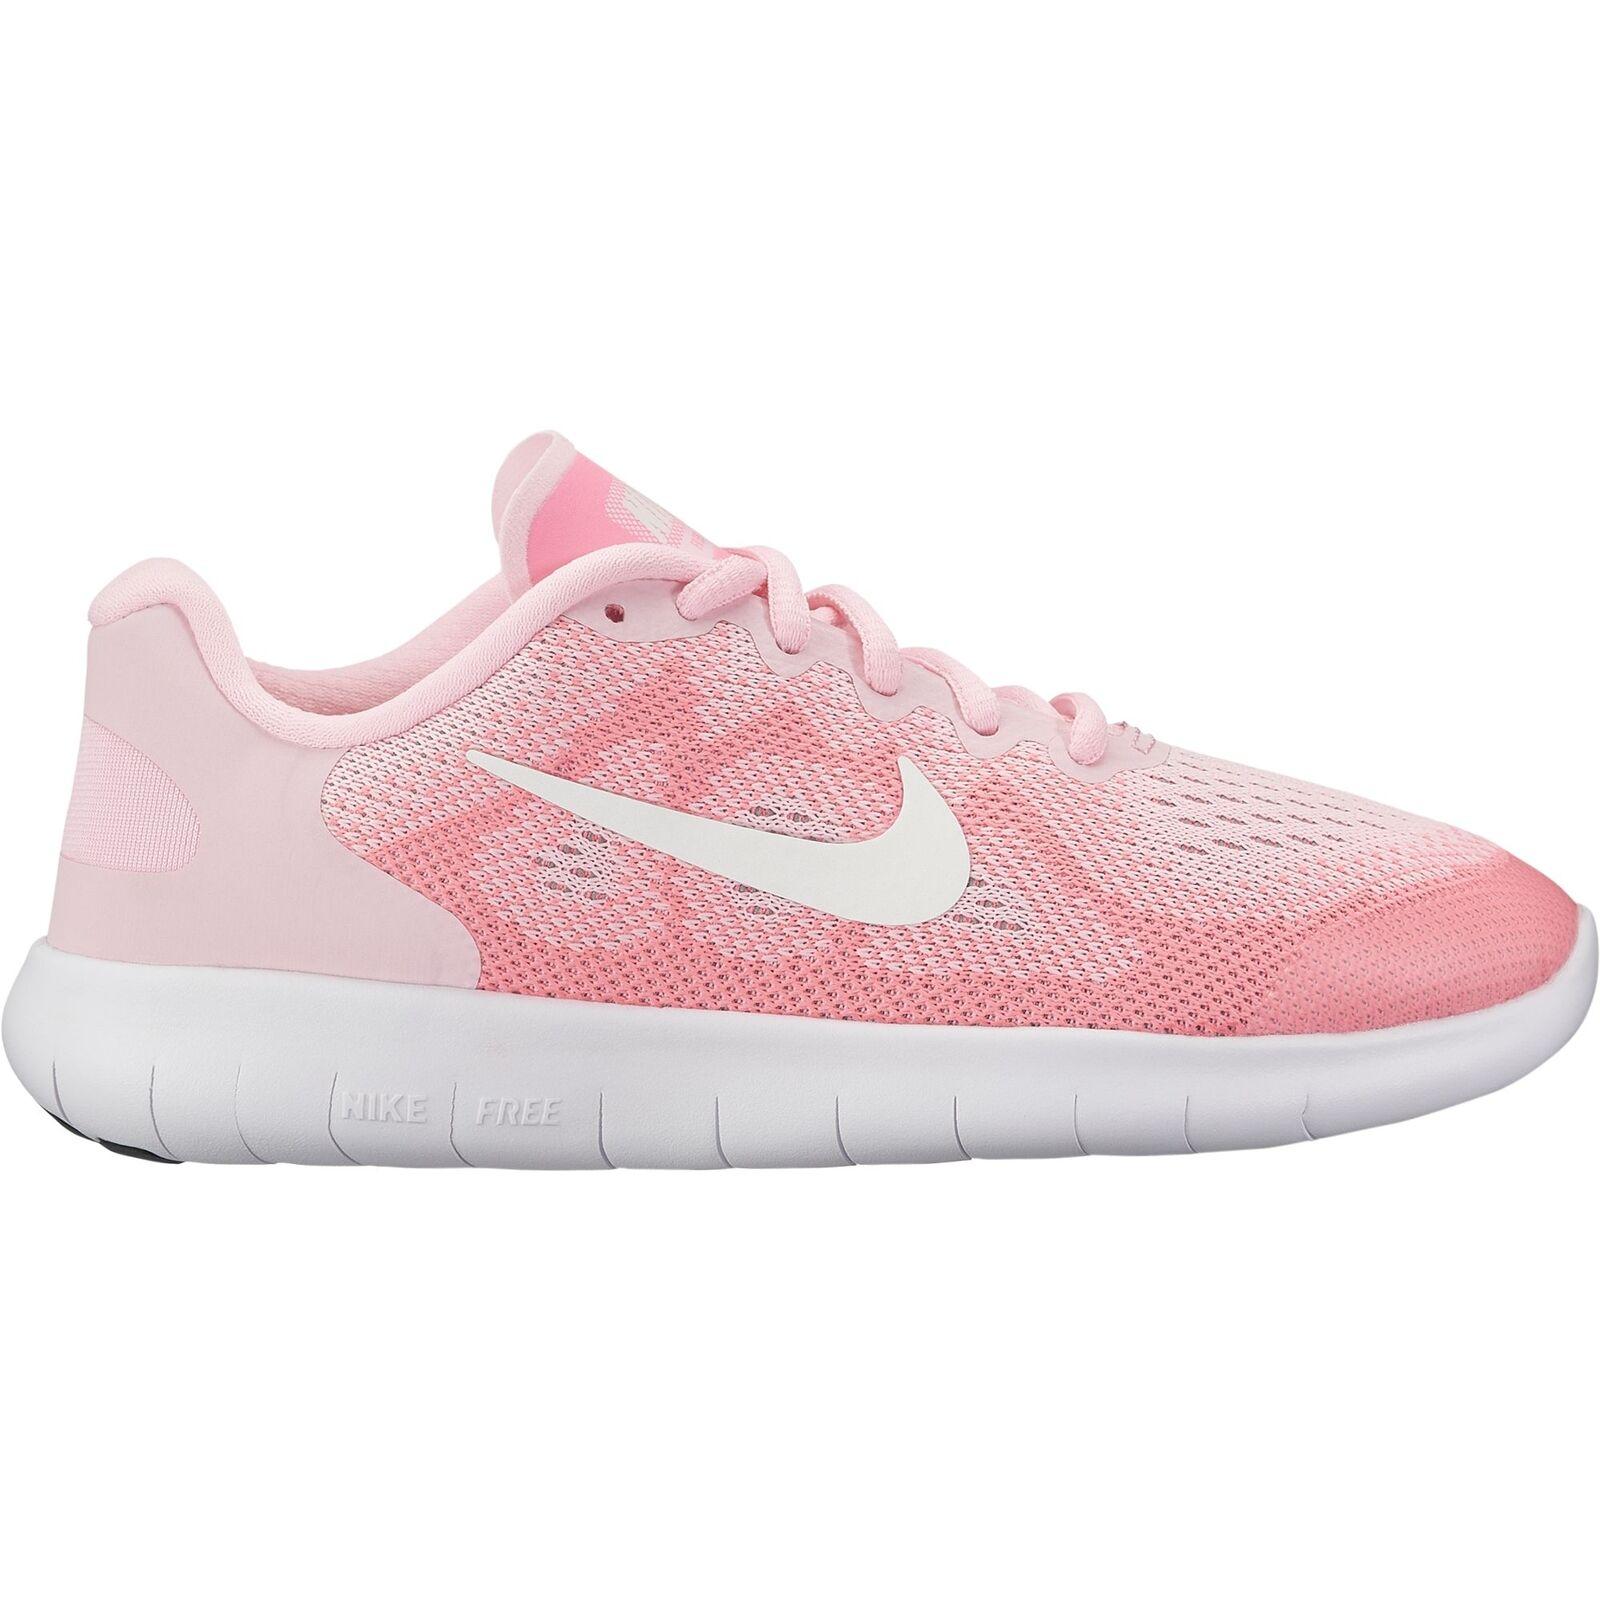 Nike Nike Nike Free RN 2017 (GS) - Kinder Freizeitschuhe Turnschuhe - 904258-602 Rosa weiß b4eb91